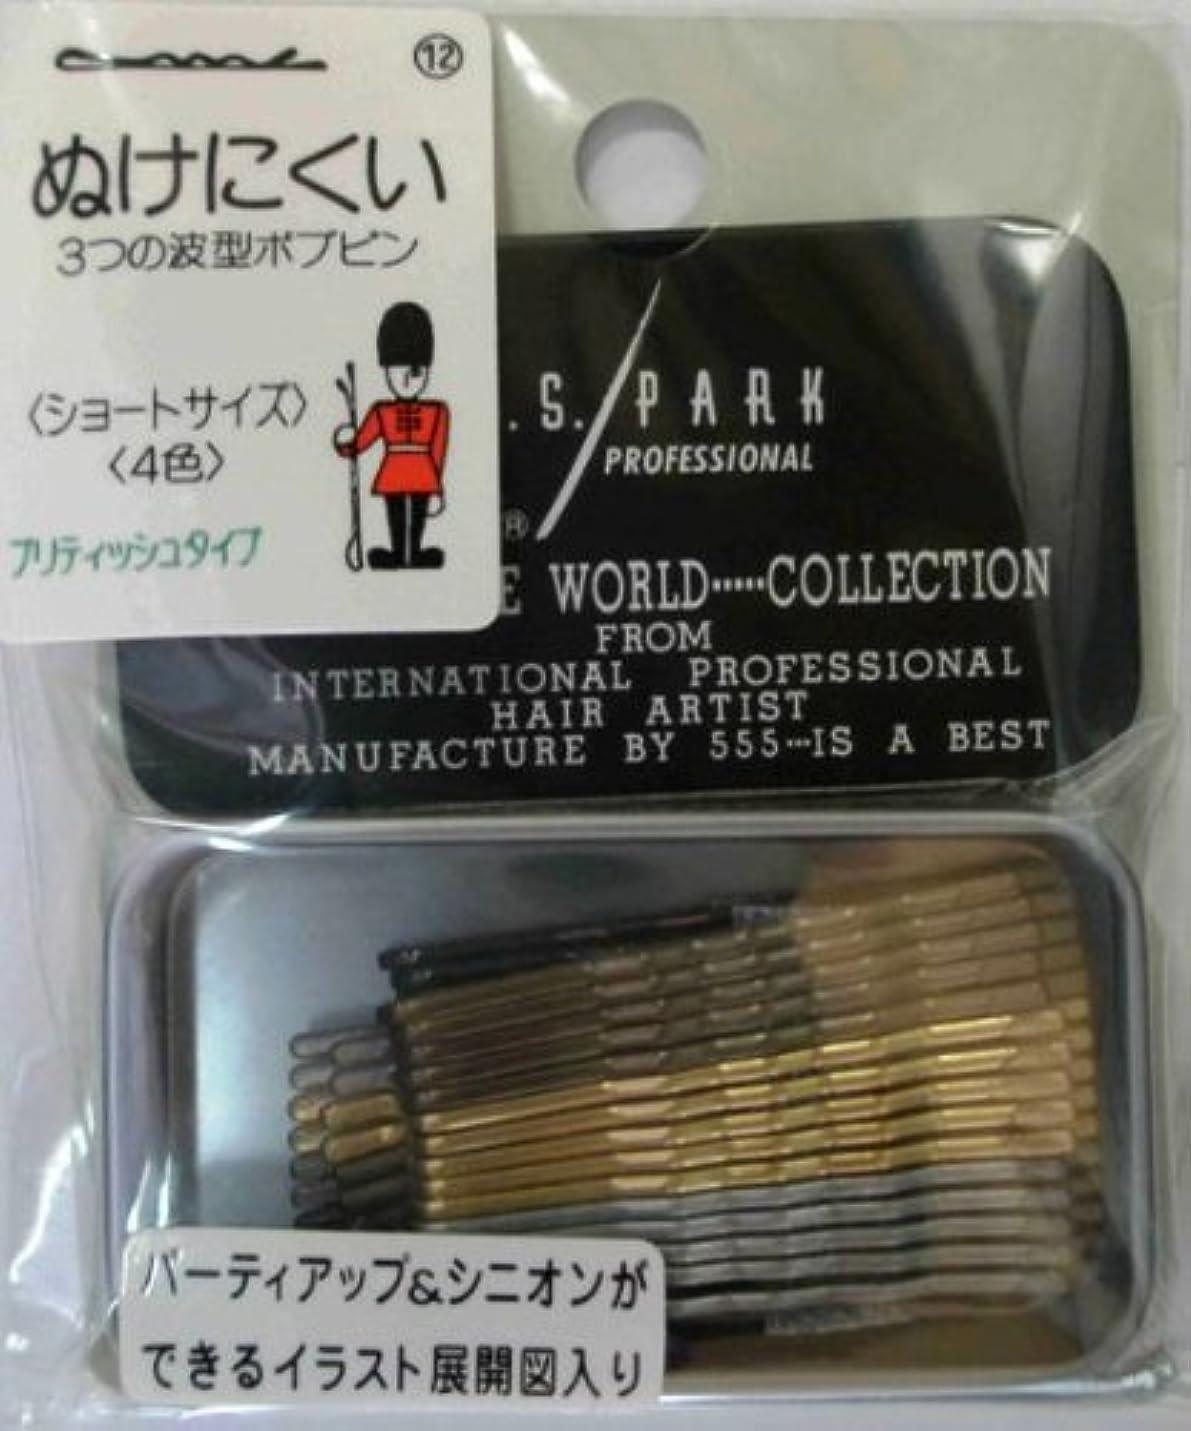 降ろすトリップディスカウントY.S.PARK世界のヘアピンコレクションNo.12(ショートサイズ?4色)ブリティッシュタイプ43P